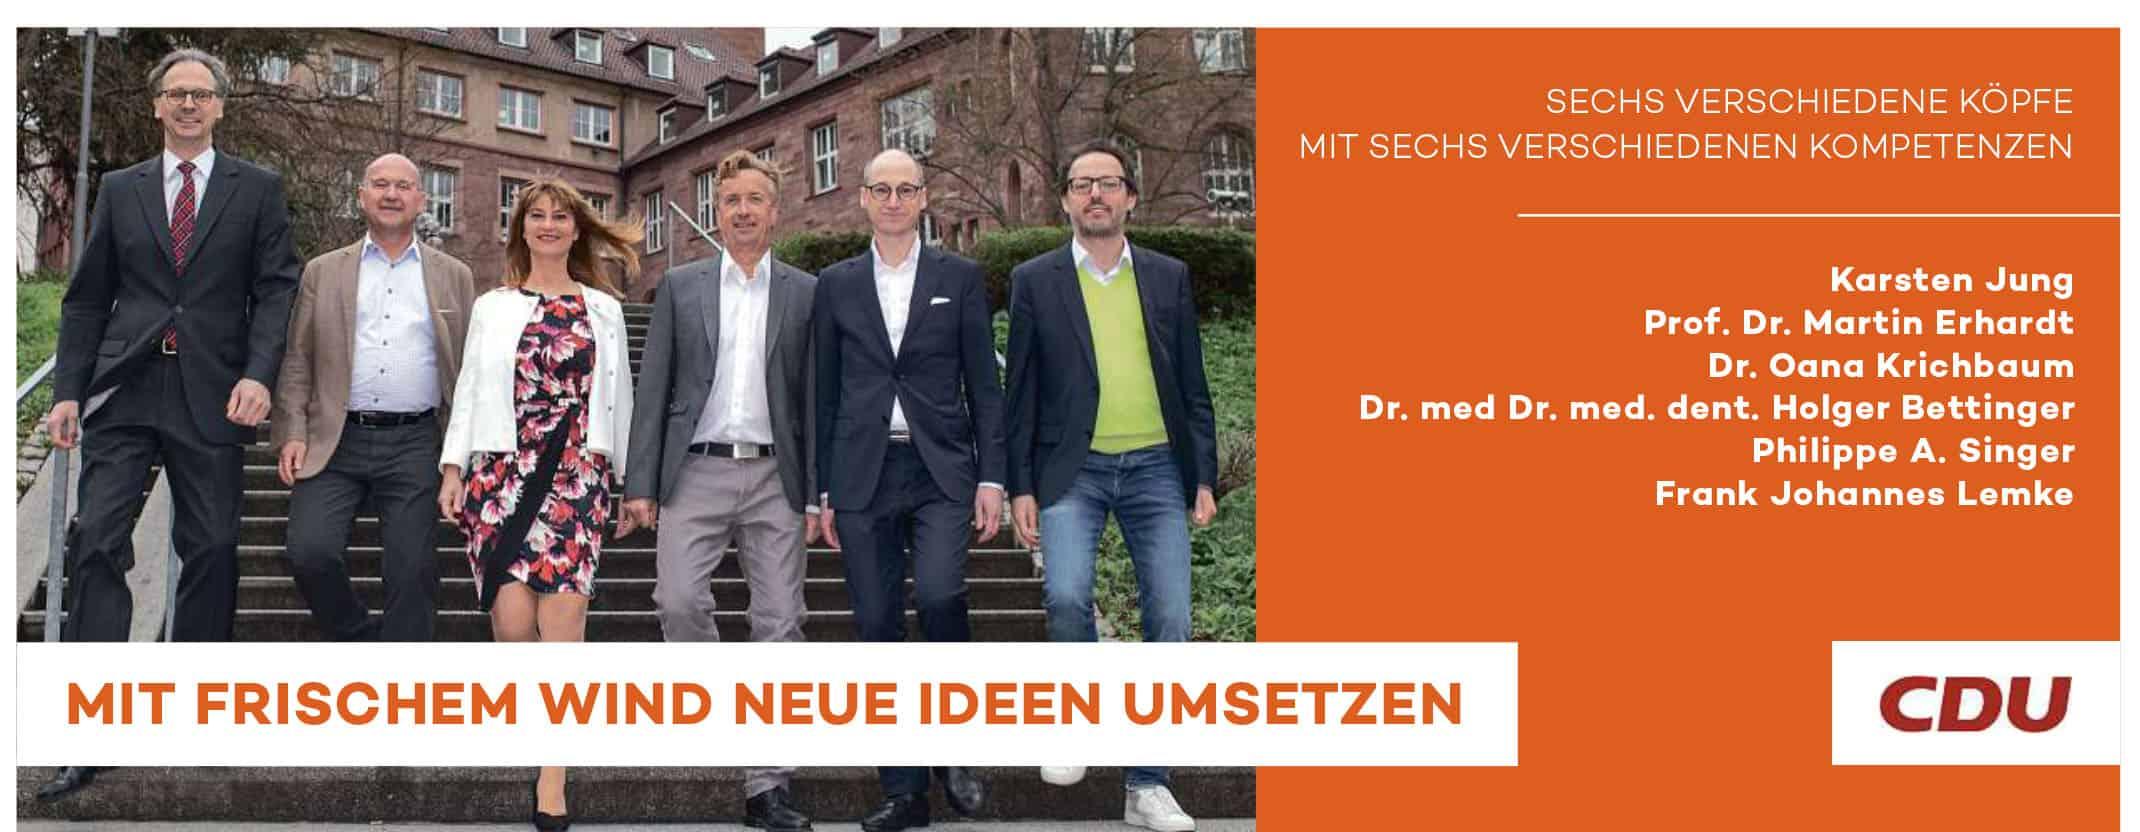 PZ-Pforzheim-vom-21.05.2019-Seite-3